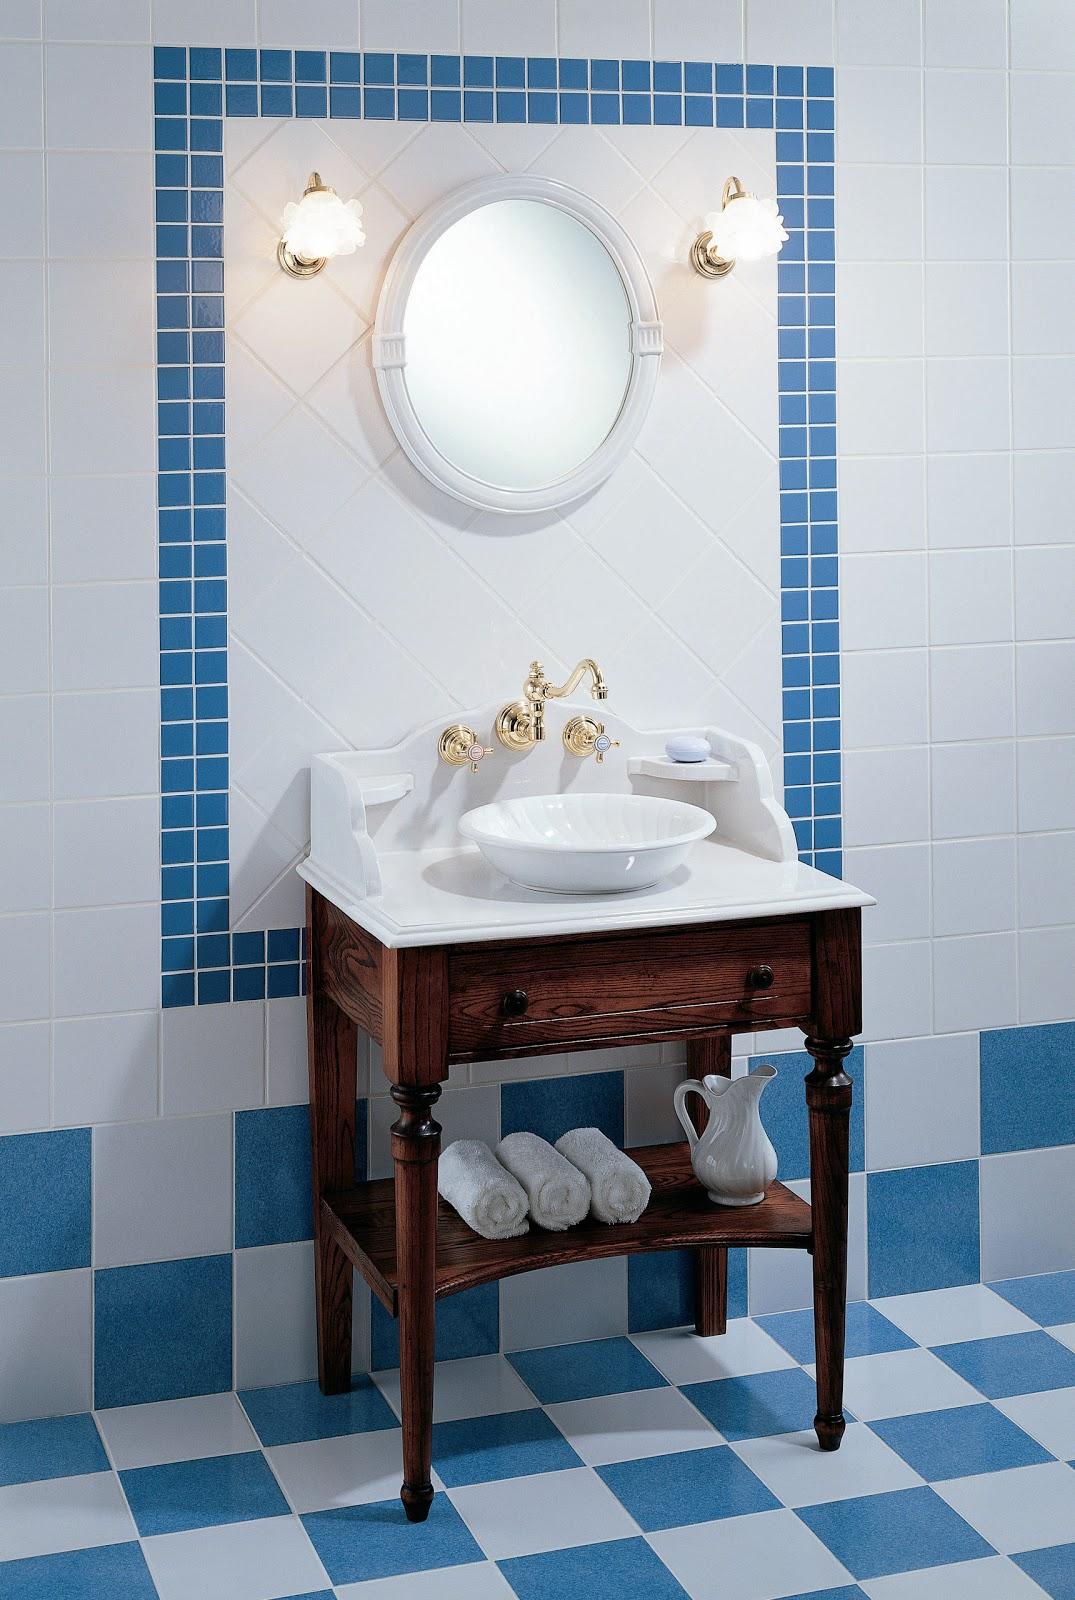 TOM INTENSO: Banheiros Antigos #1D4763 1075 1600